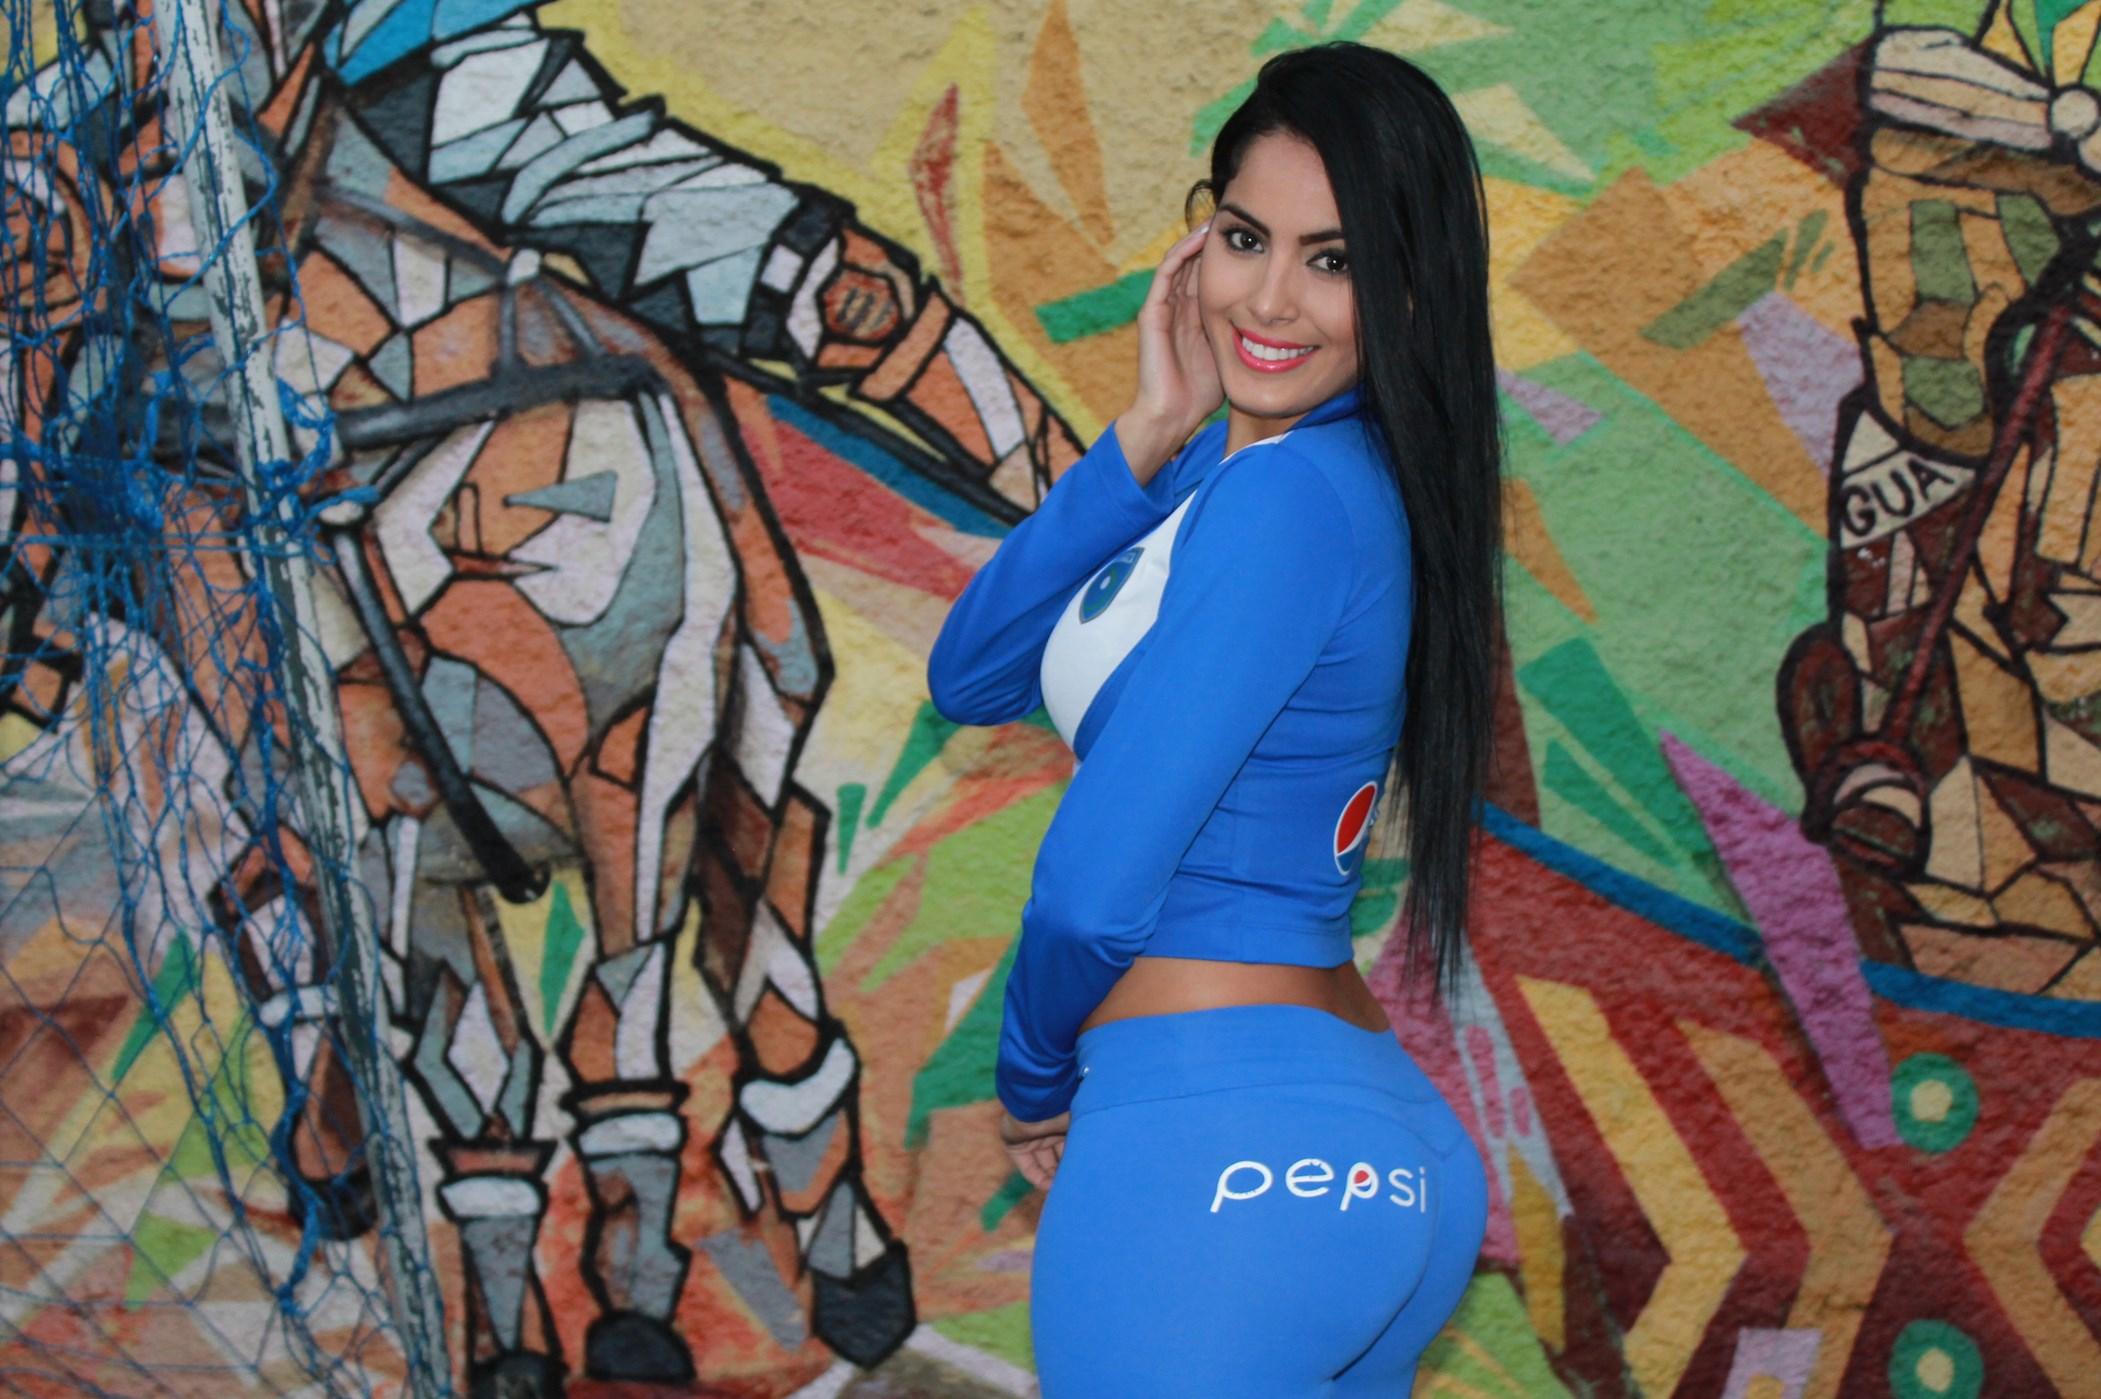 (((FOTOS))) Los números entre Guatemala y El Salvador, Astrid se viste de azul y blanco